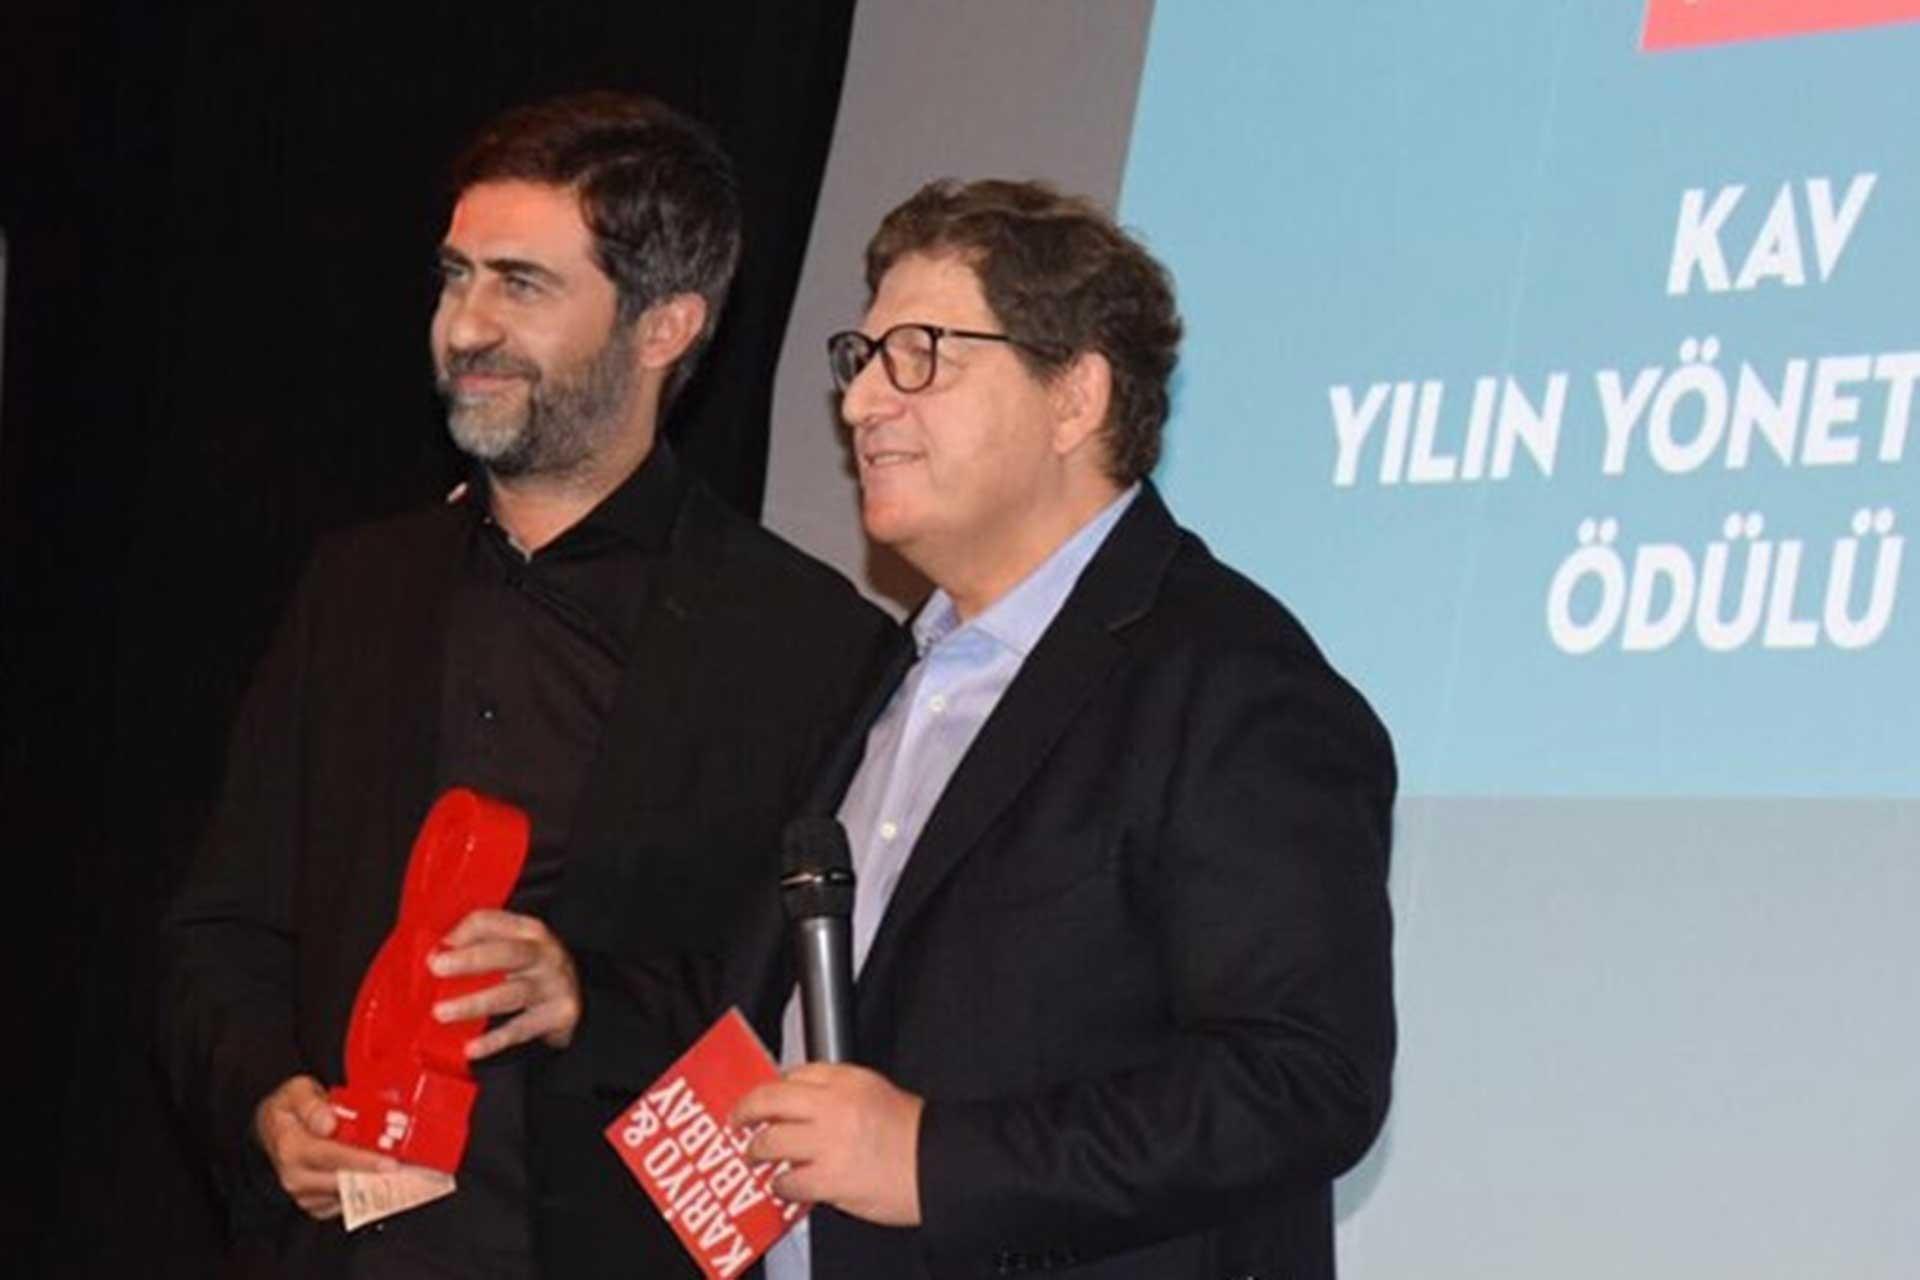 Başka Sinema Ayvalık Film Festivali'nde En İyi Yönetmen Ödülü Emin Alper'in oldu